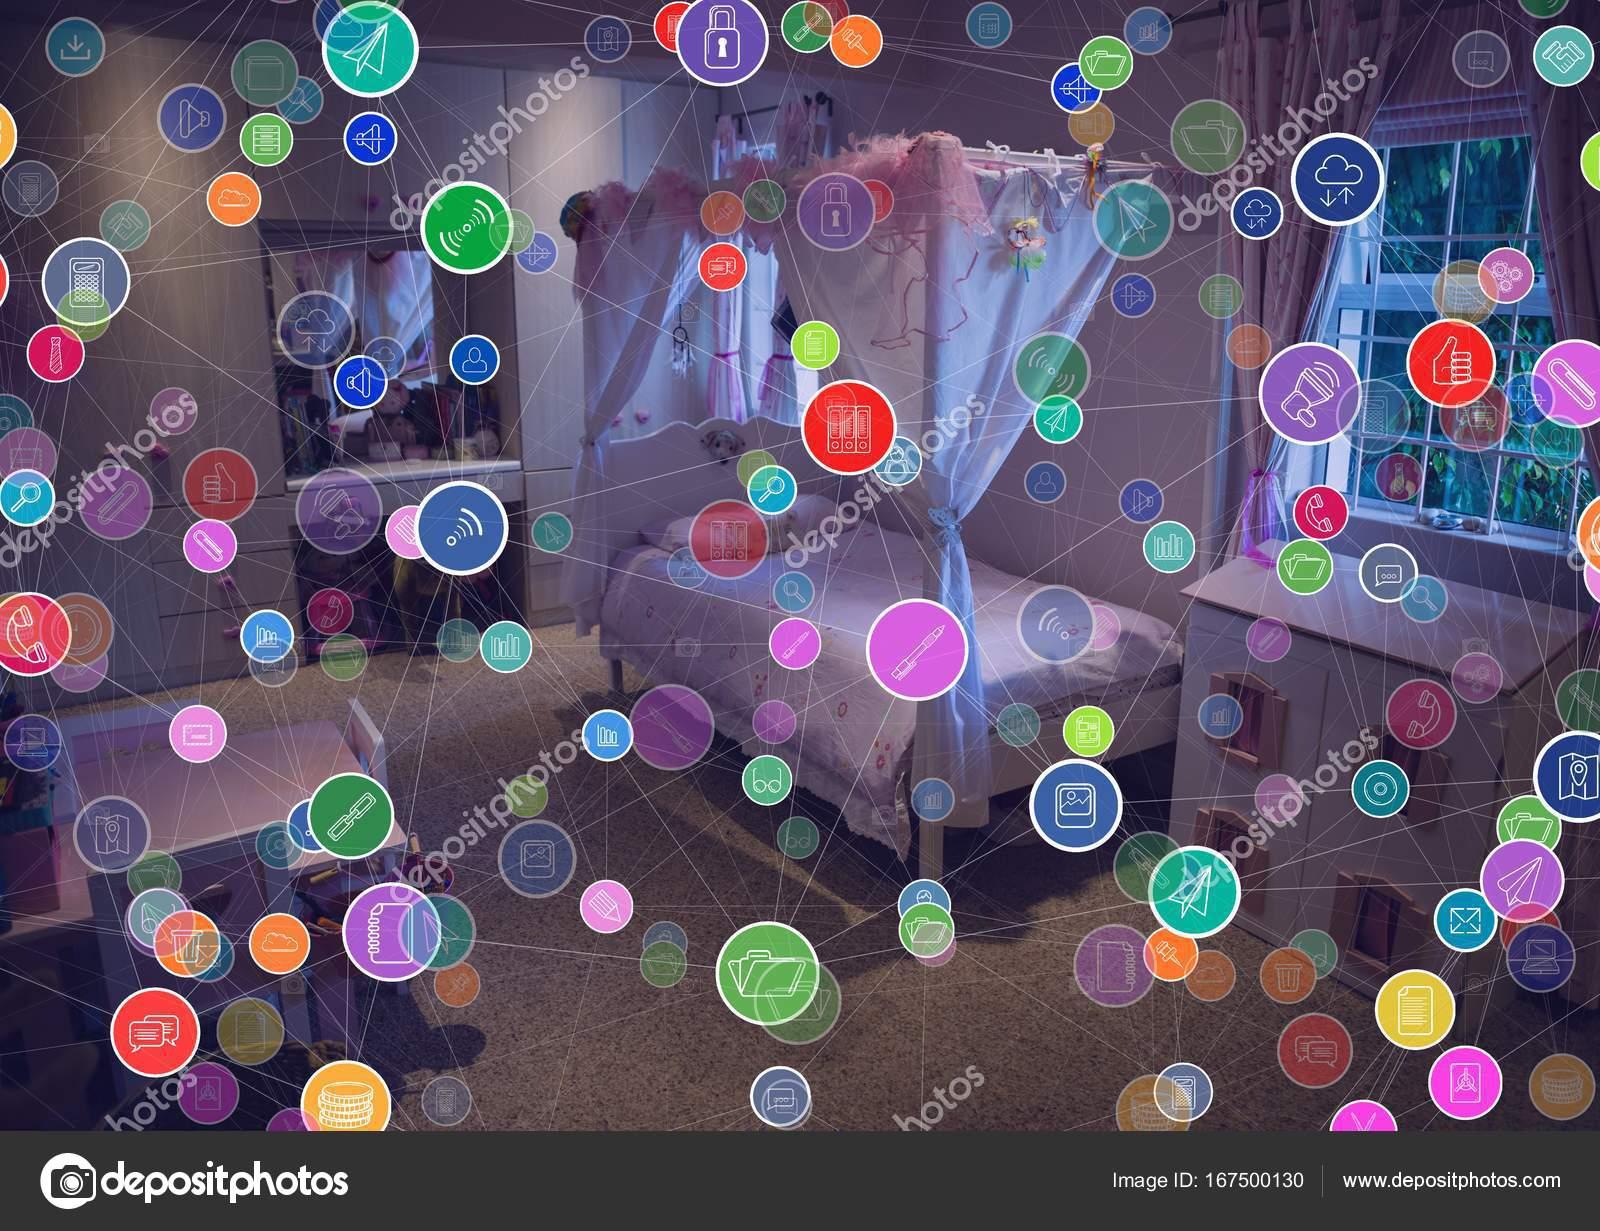 Anschlüsse über Haus — Stockfoto © vectorfusionart #167500130